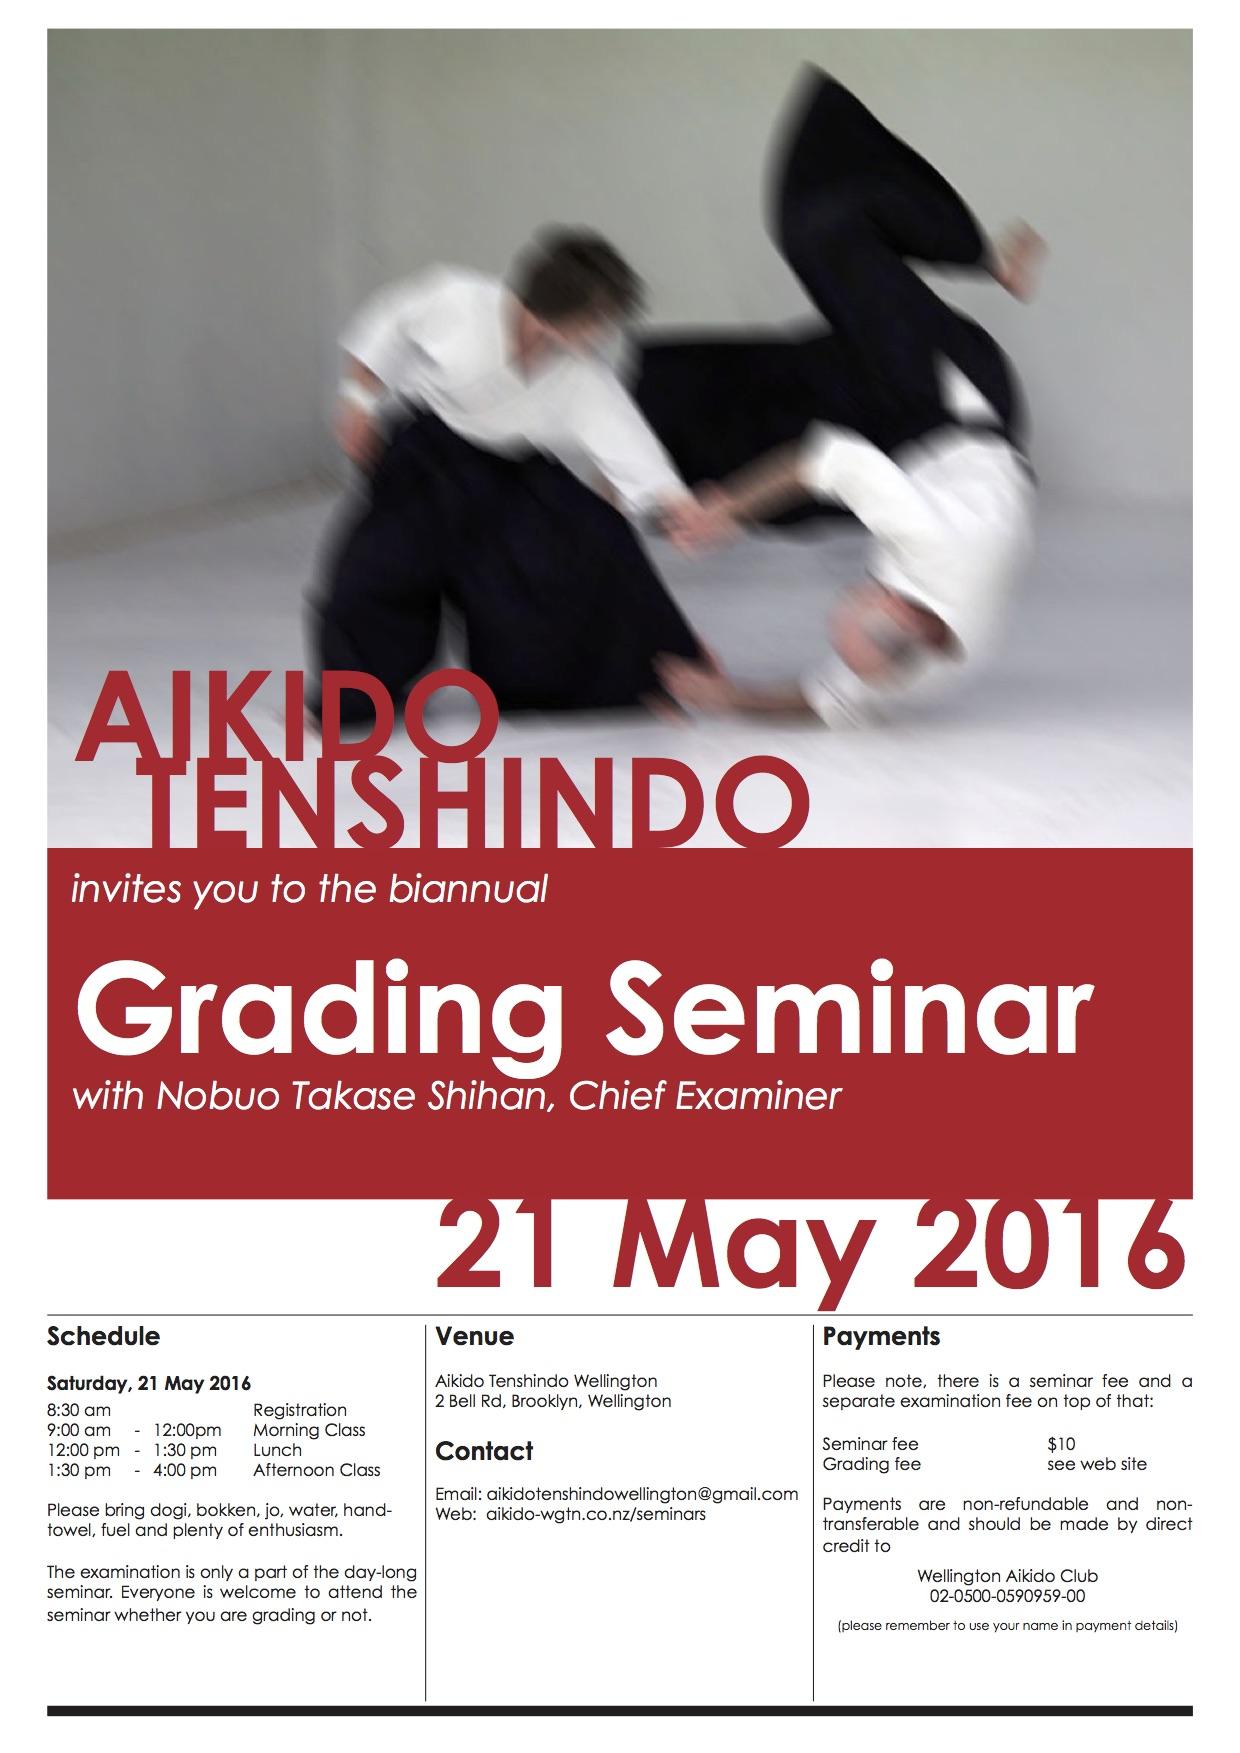 Grading - May 2016